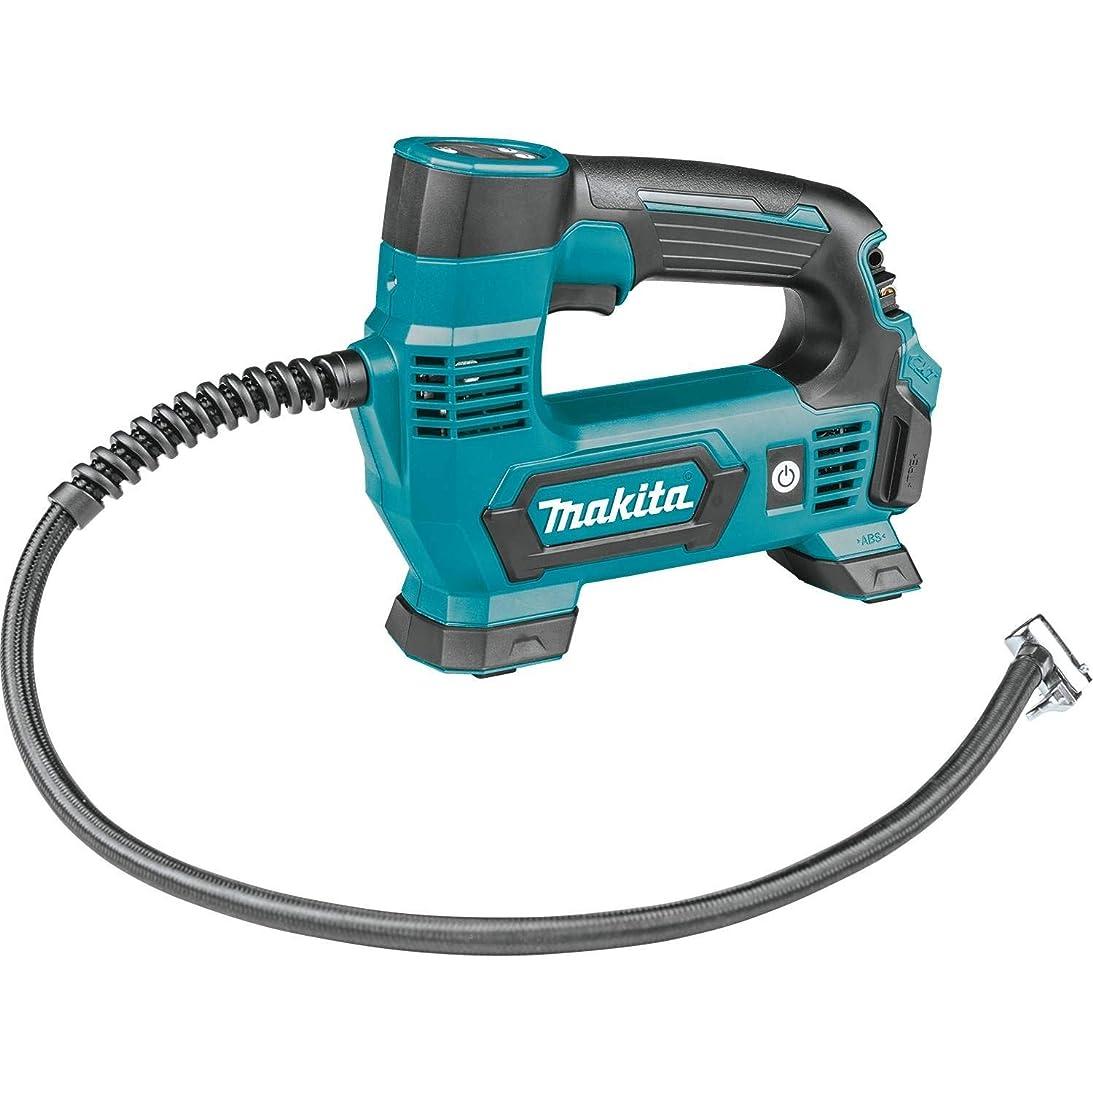 抜け目のない改善する敬なマキタ(Makita) 充電式空気入れ(本体のみ) MP100DZ 本体: 奥行23.5cm 本体: 高さ17.3cm 本体: 幅7.4cm